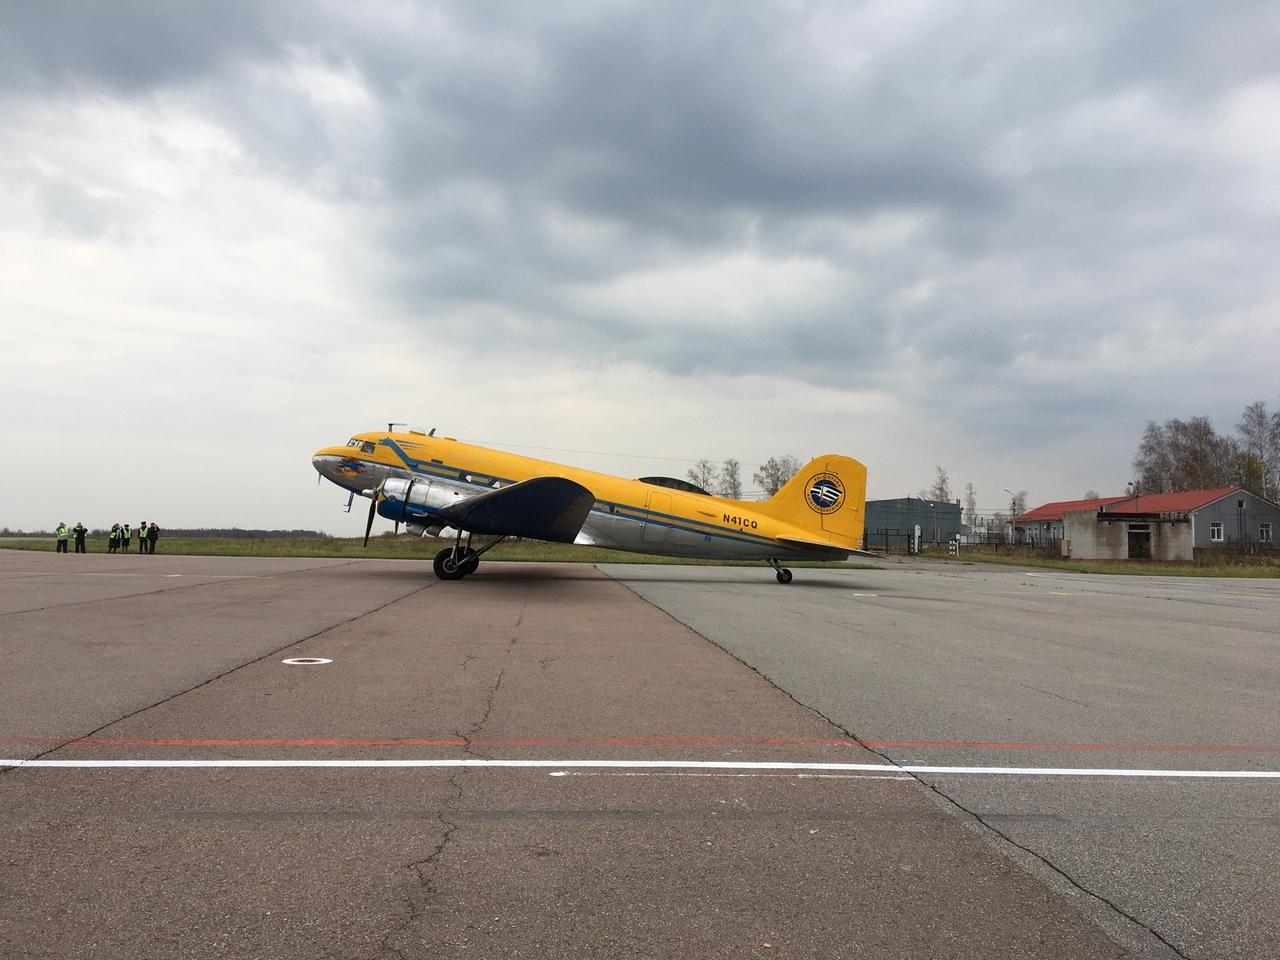 В Ярославле приземлился американский самолет из 40-х годов